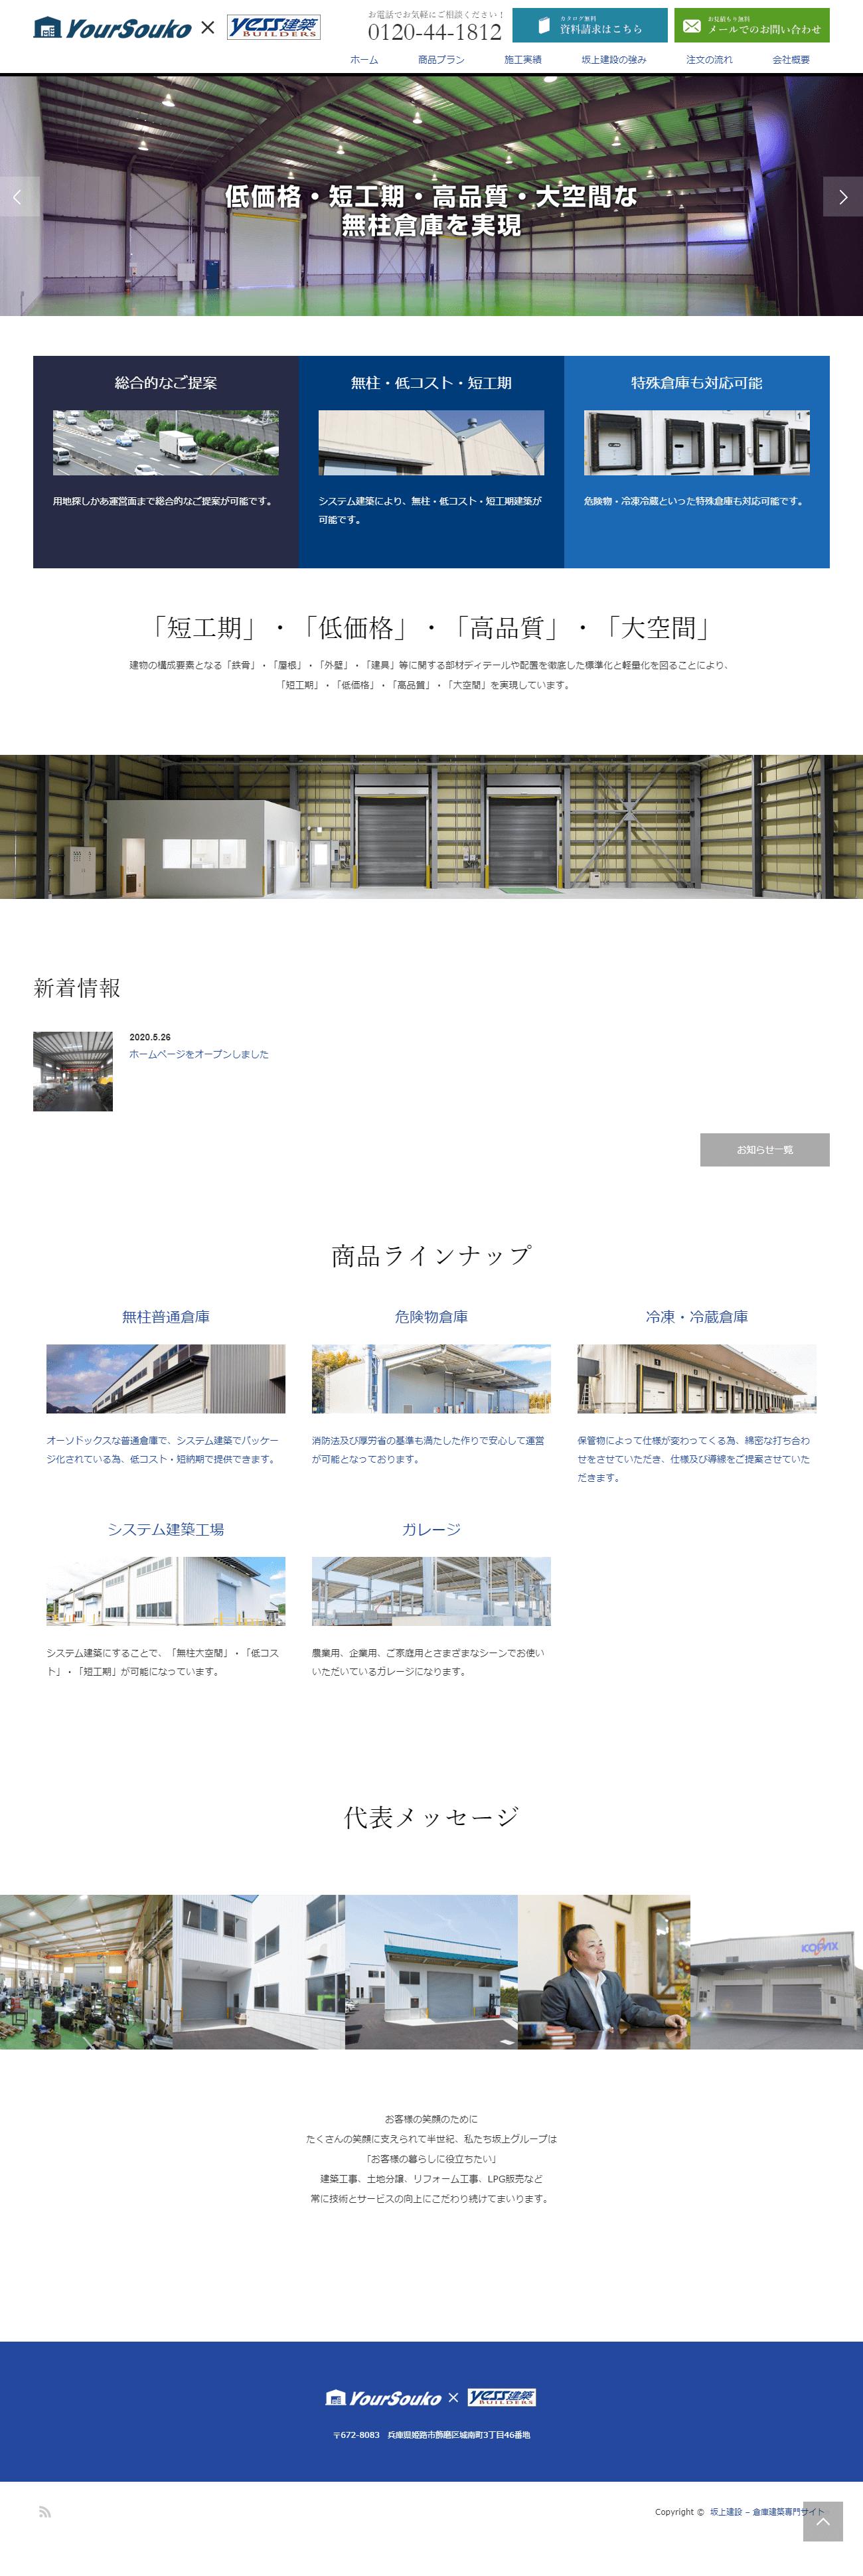 姫路市 坂上建設倉庫建築専門サイト ホームページ制作1